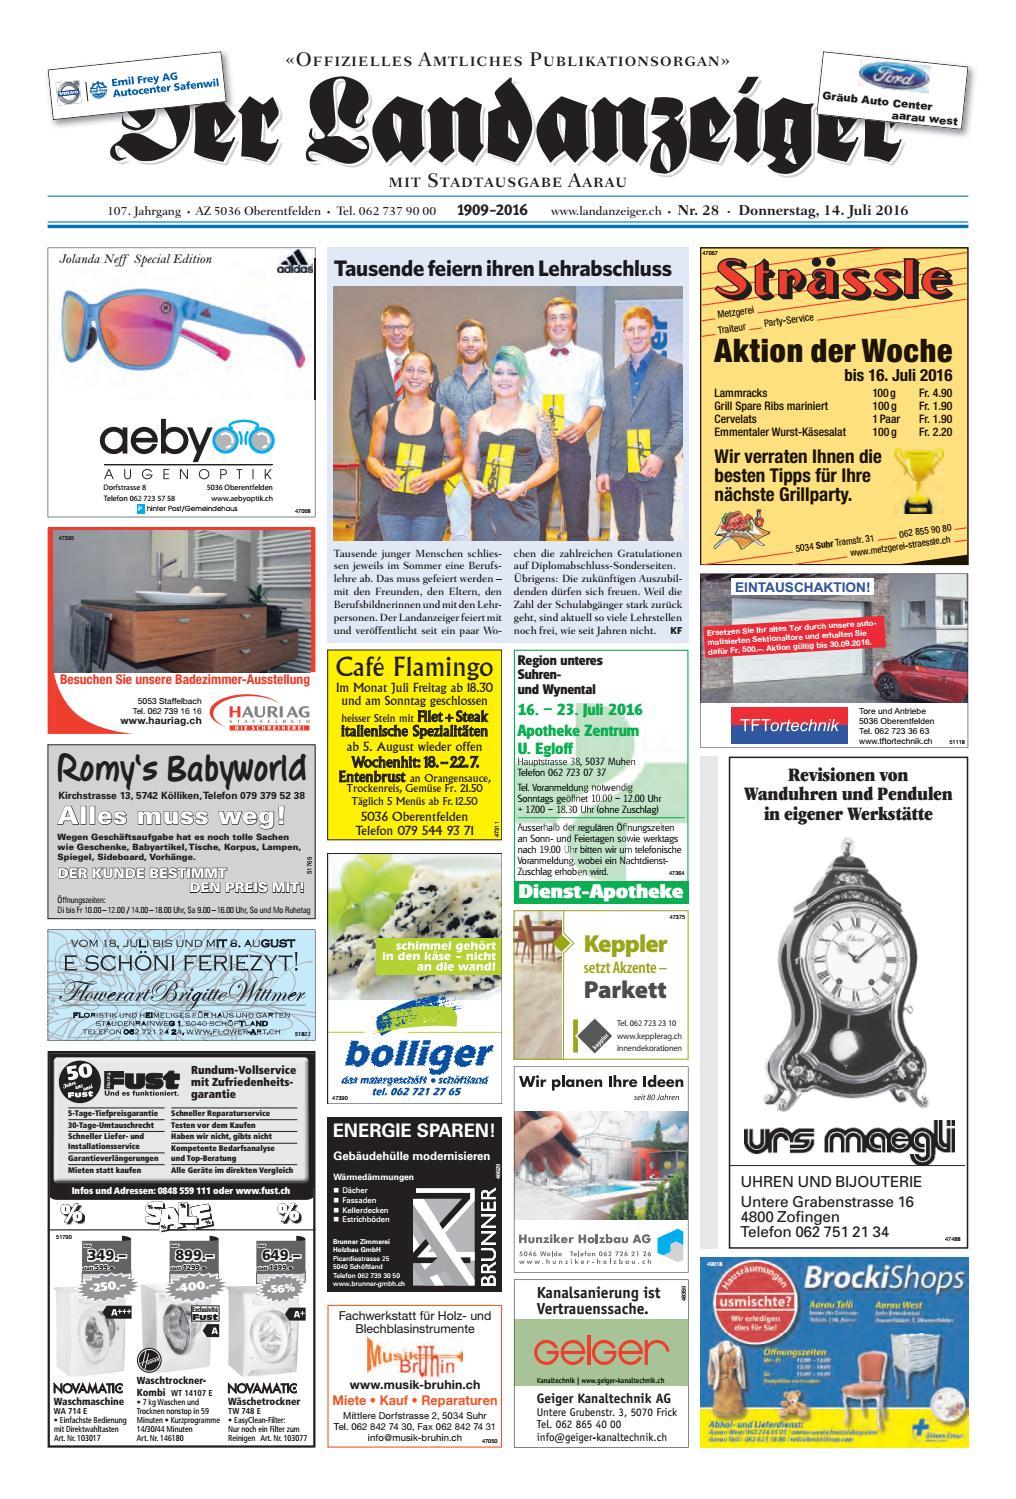 Ausgefallene Hängelen der landanzeiger 06 16 by zt medien ag issuu